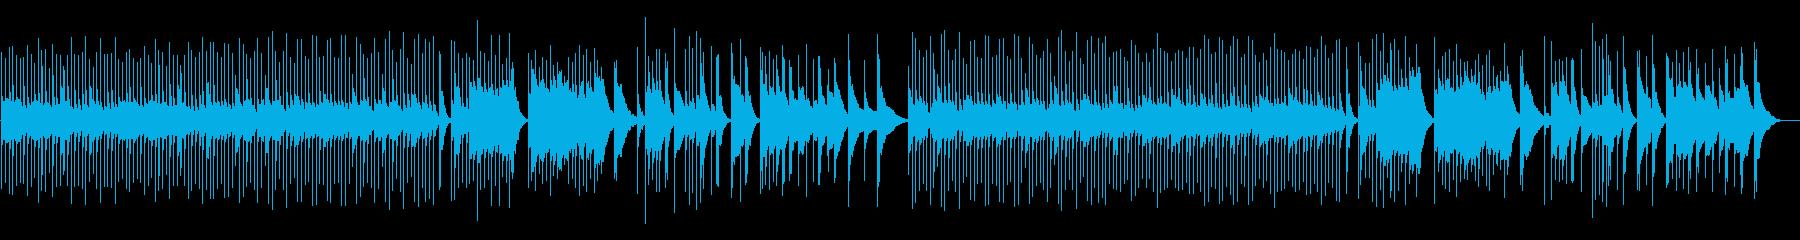 優しい・感動・オルゴールの再生済みの波形